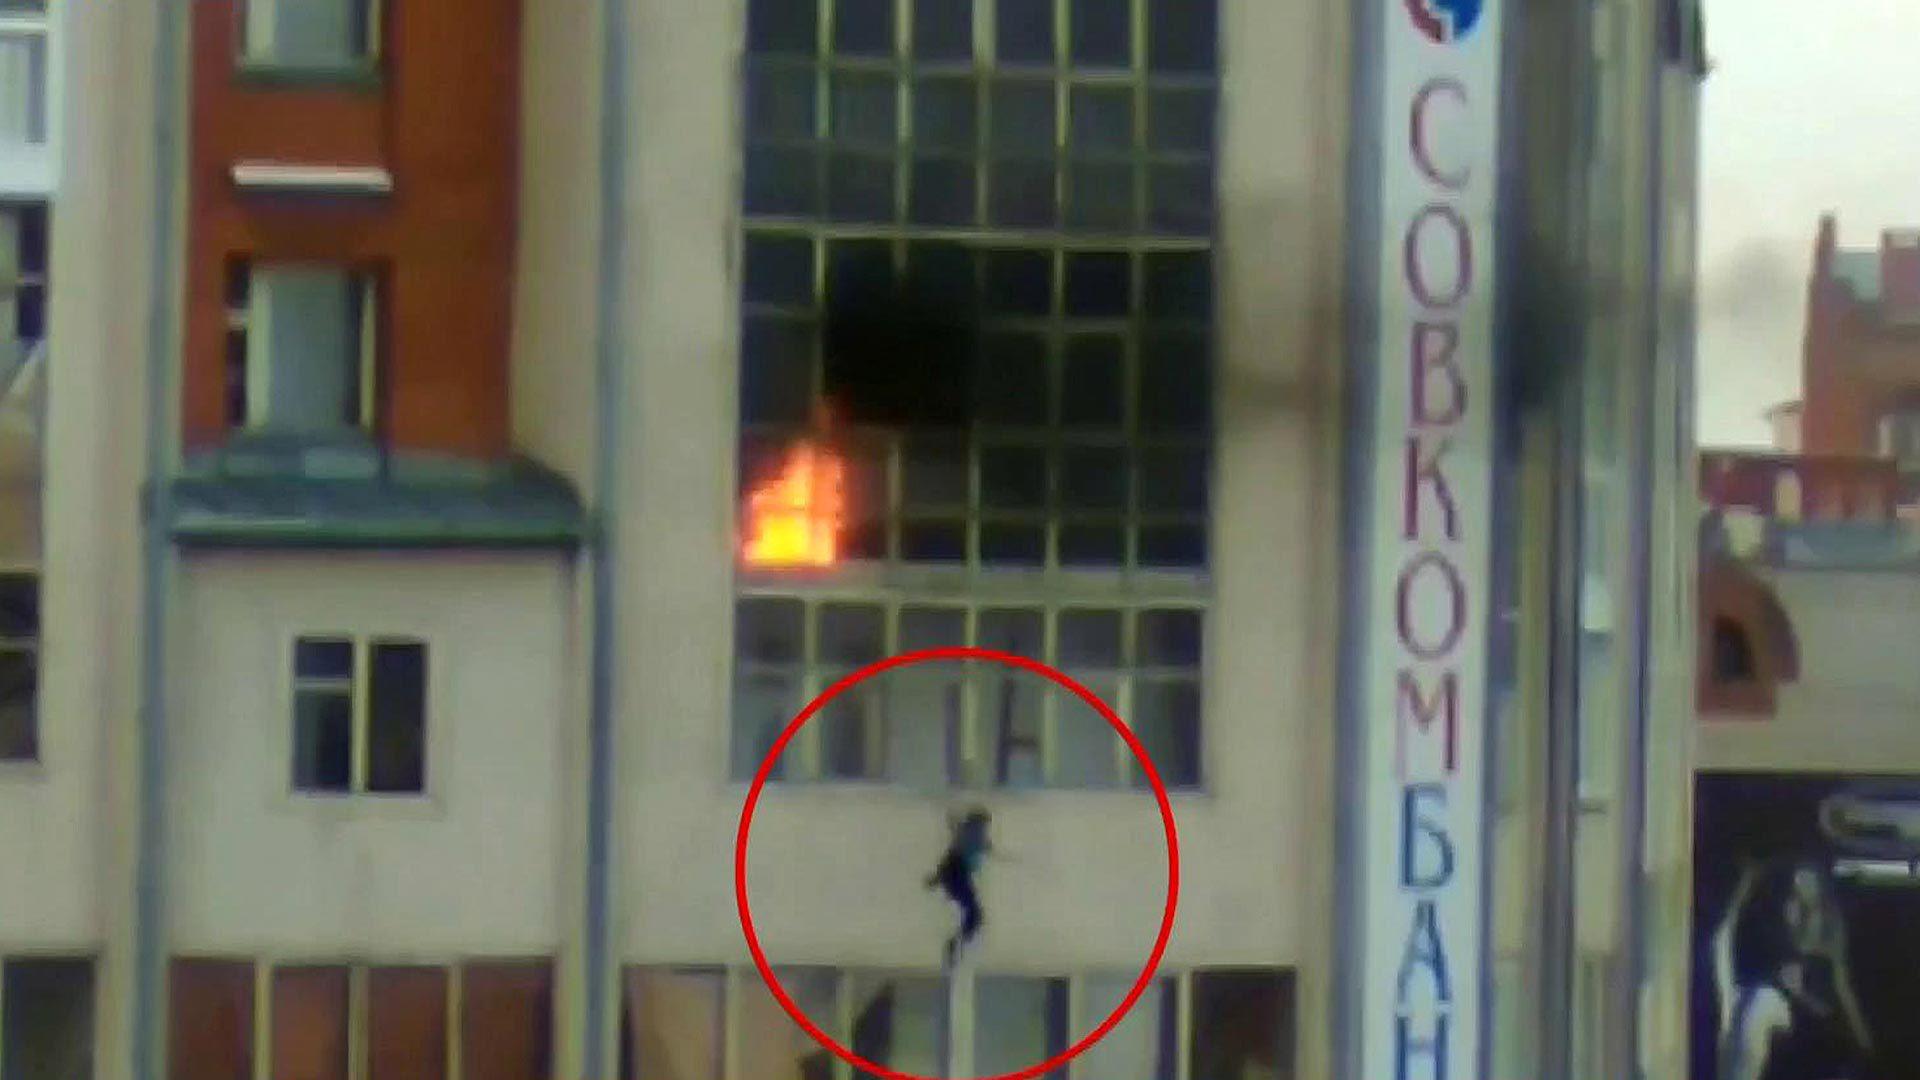 Жители томска спасли ребенка, спрыгнувшего с балкона во врем.